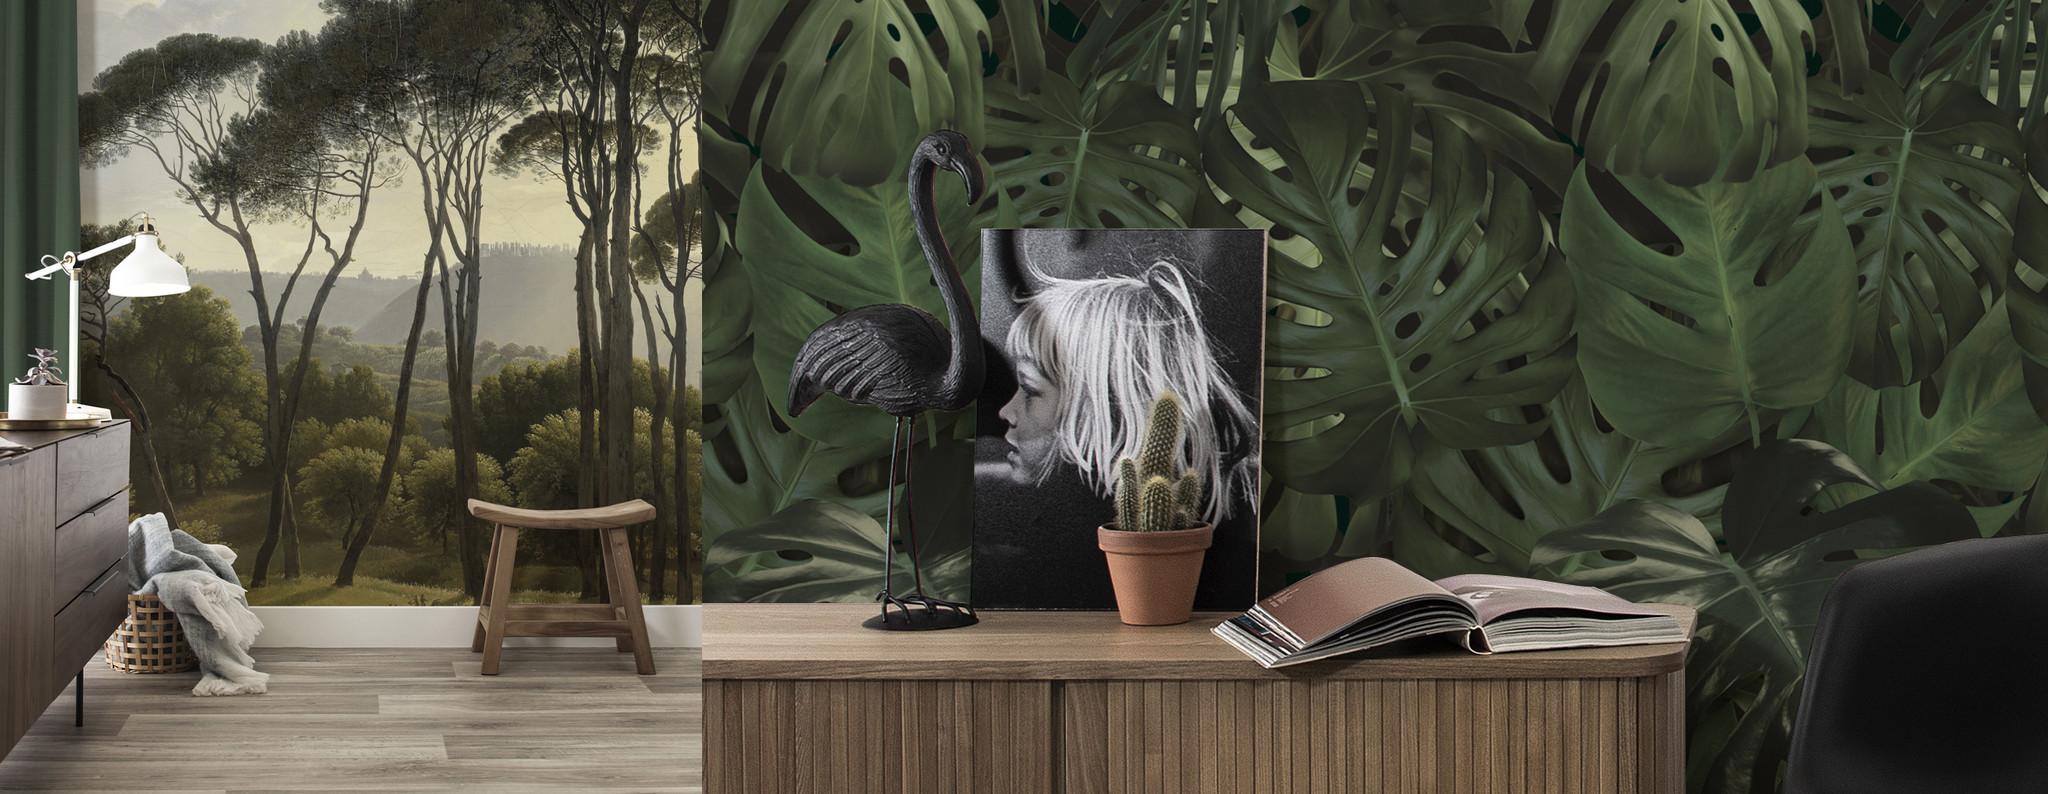 Behang Met Afbeelding.Behang Met Bloemen En Planten Kek Amsterdam